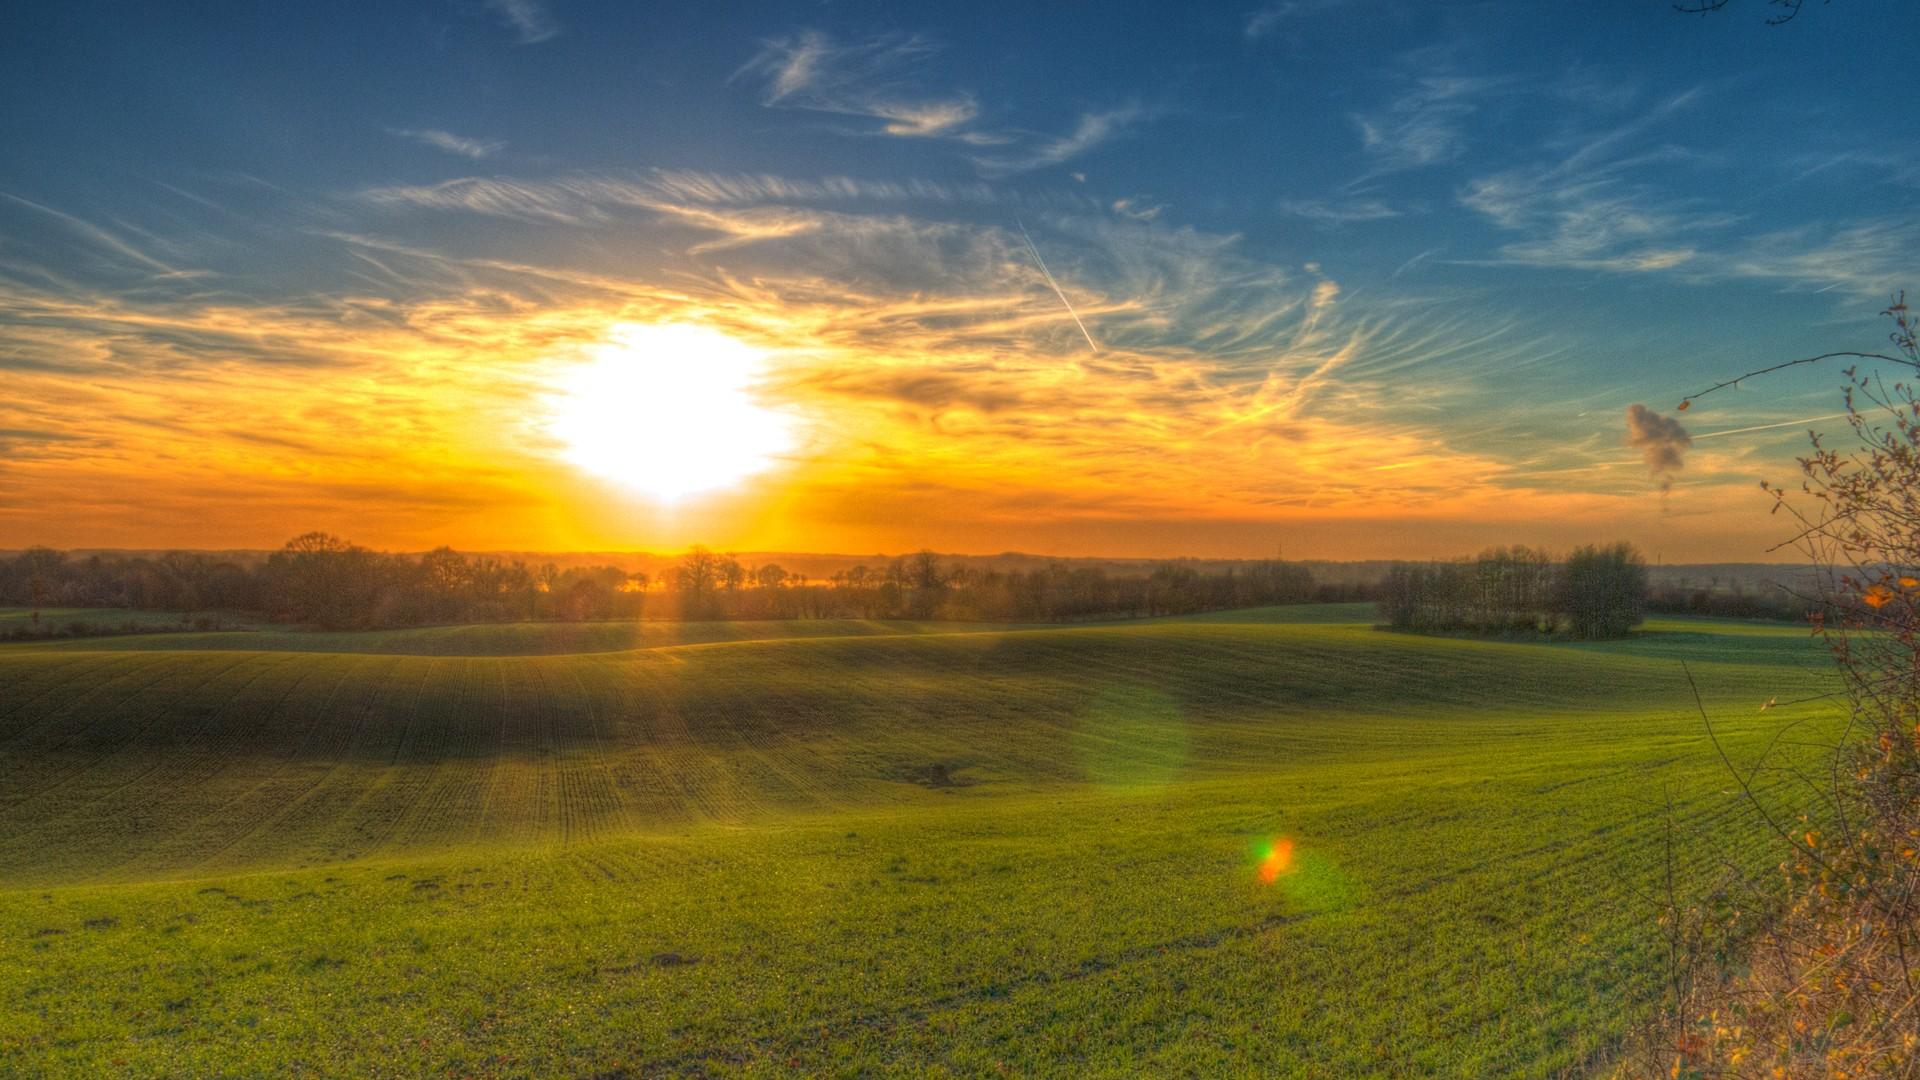 это, утро лето рассвет солнце красивые картинки комплекс темерницкий цены